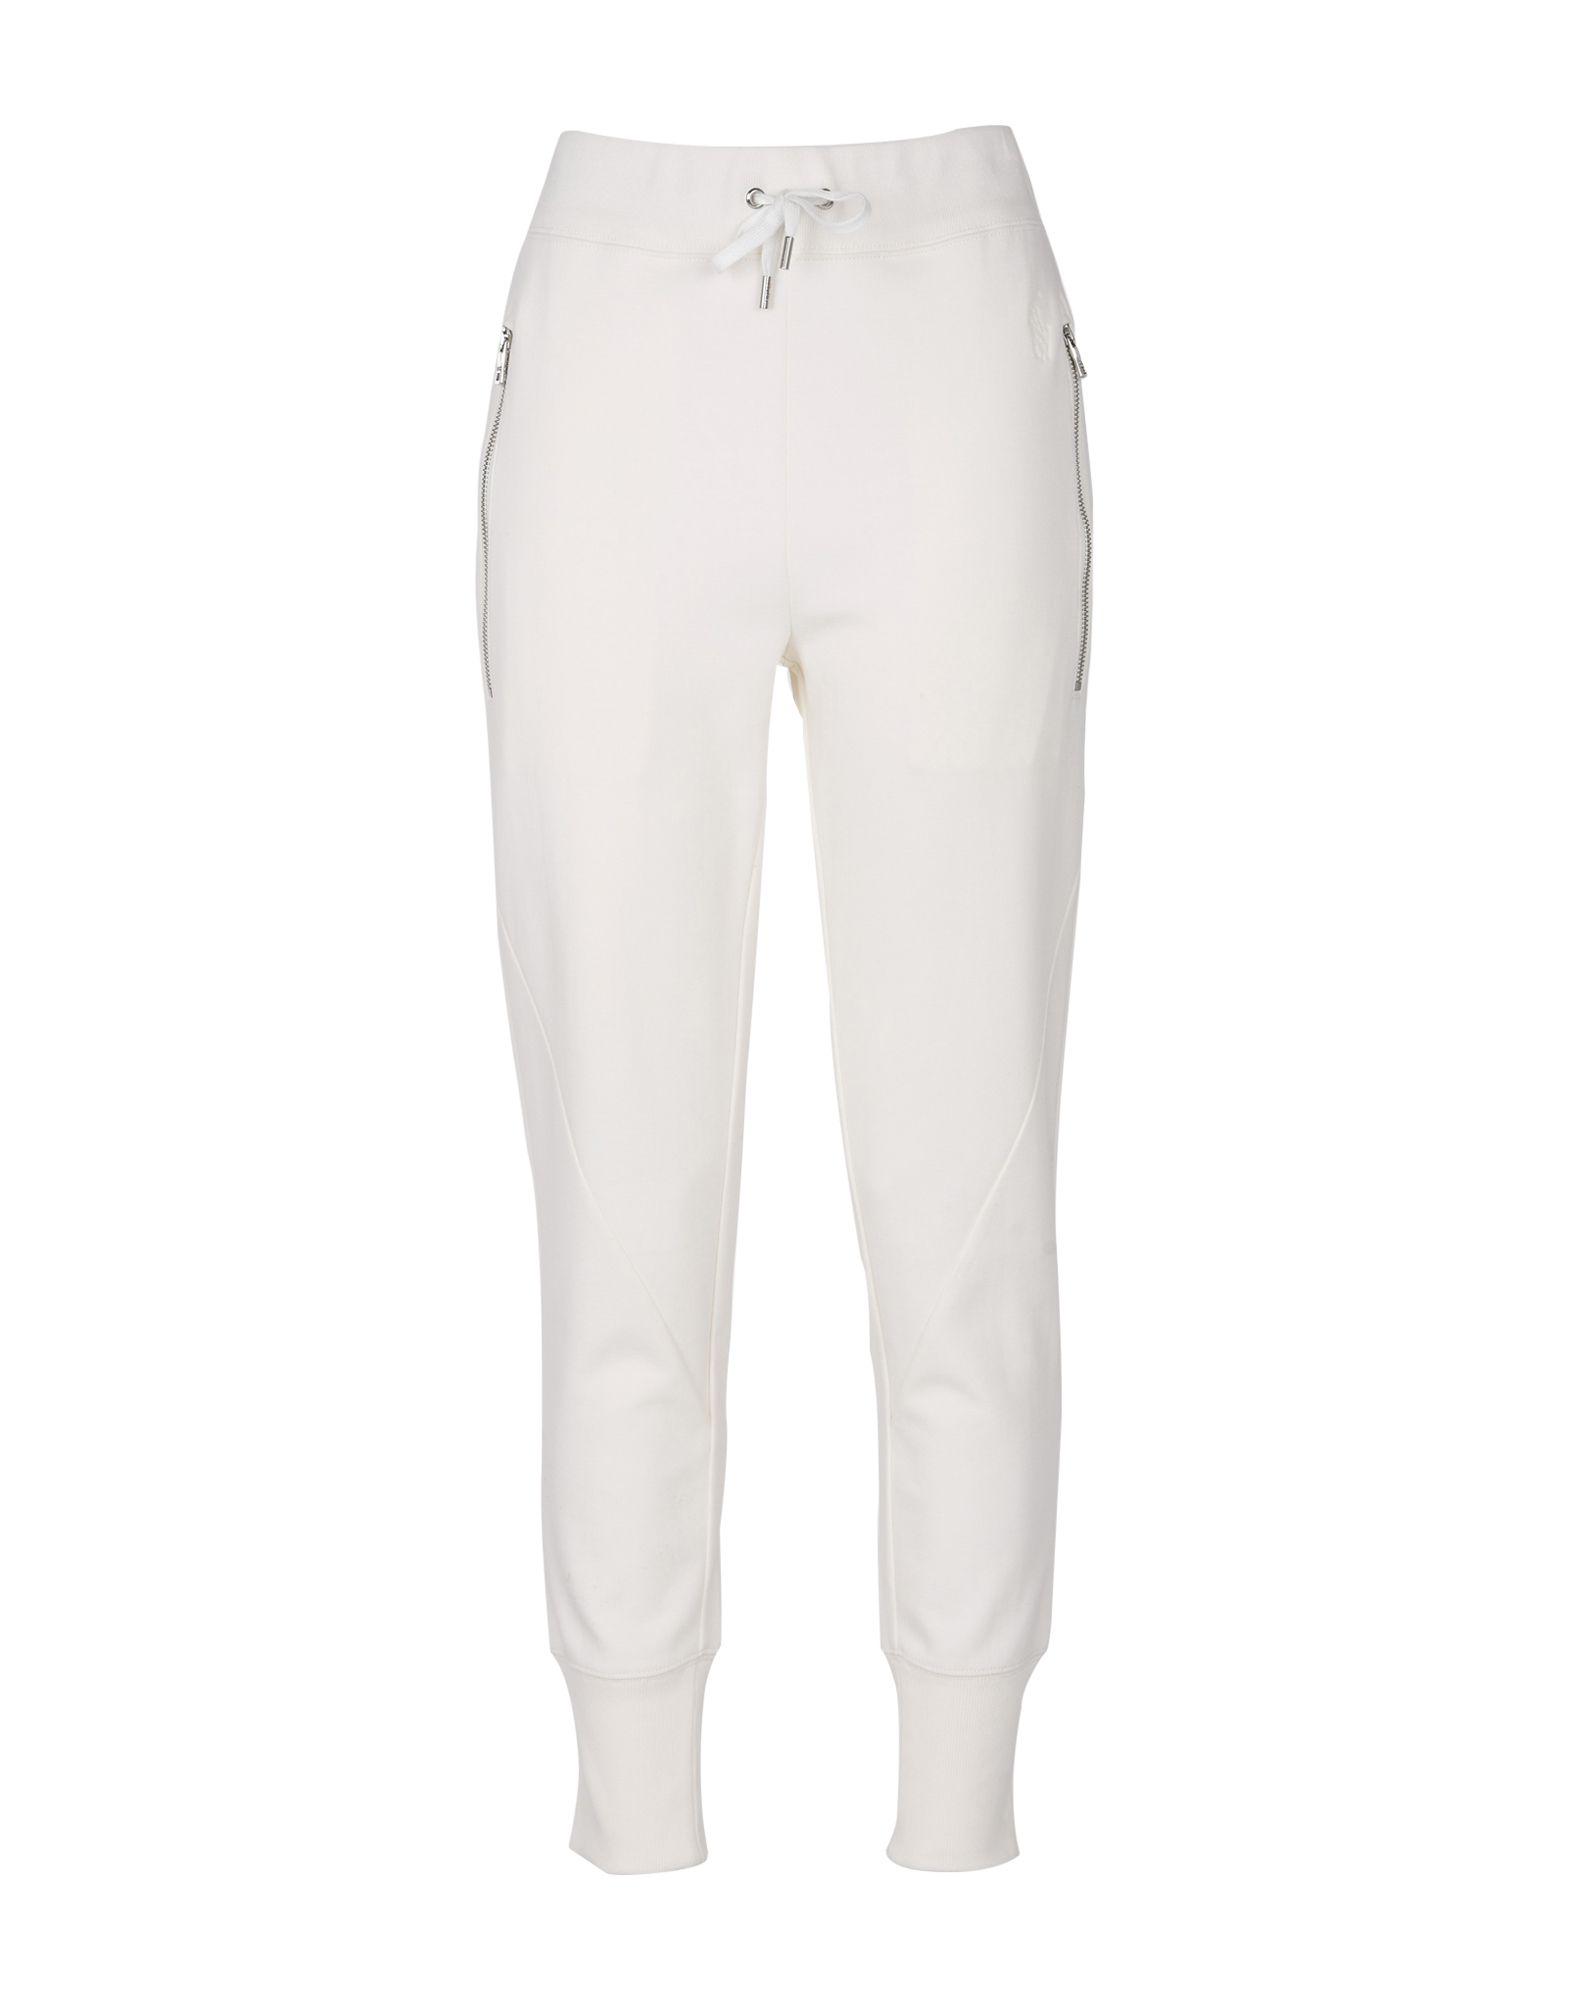 Pantalone Polo Ralph Lauren Donna - Acquista online su NI3TK